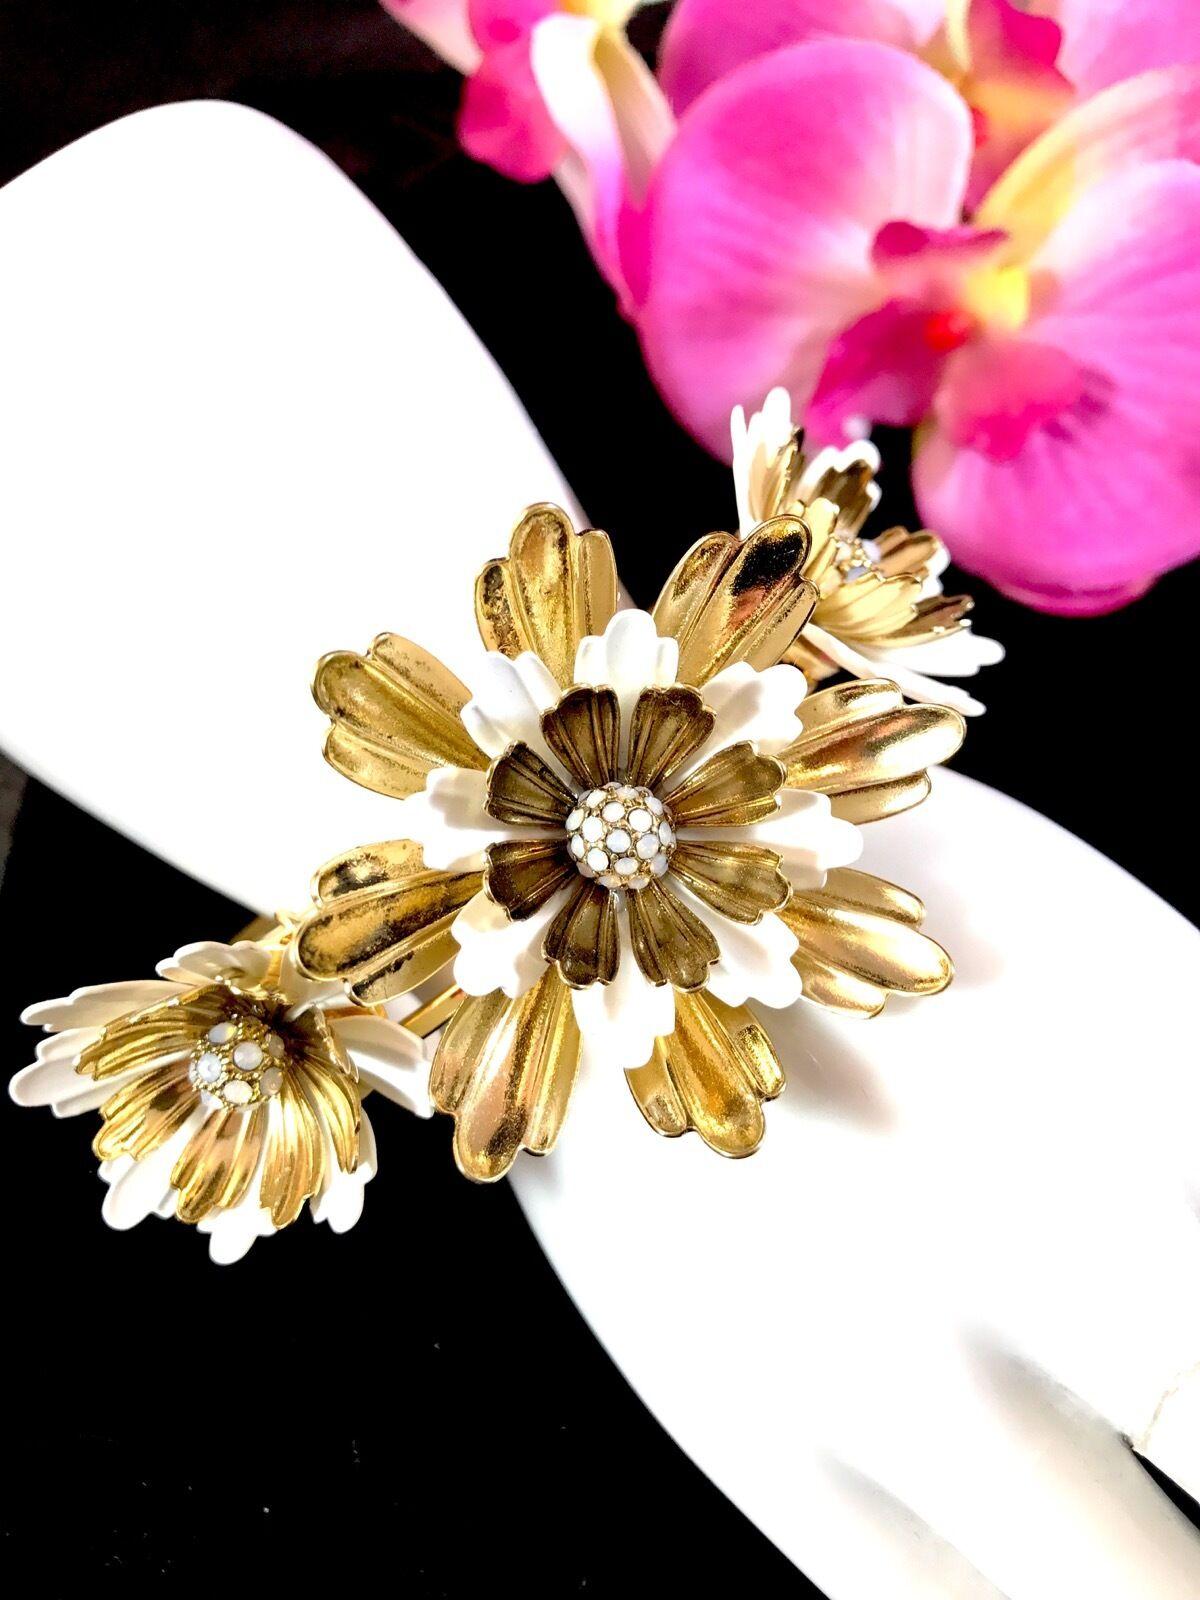 Betsey johnson bracelet i dream of betsey hinged bangle 3 lg white picture 1 of 7 mightylinksfo